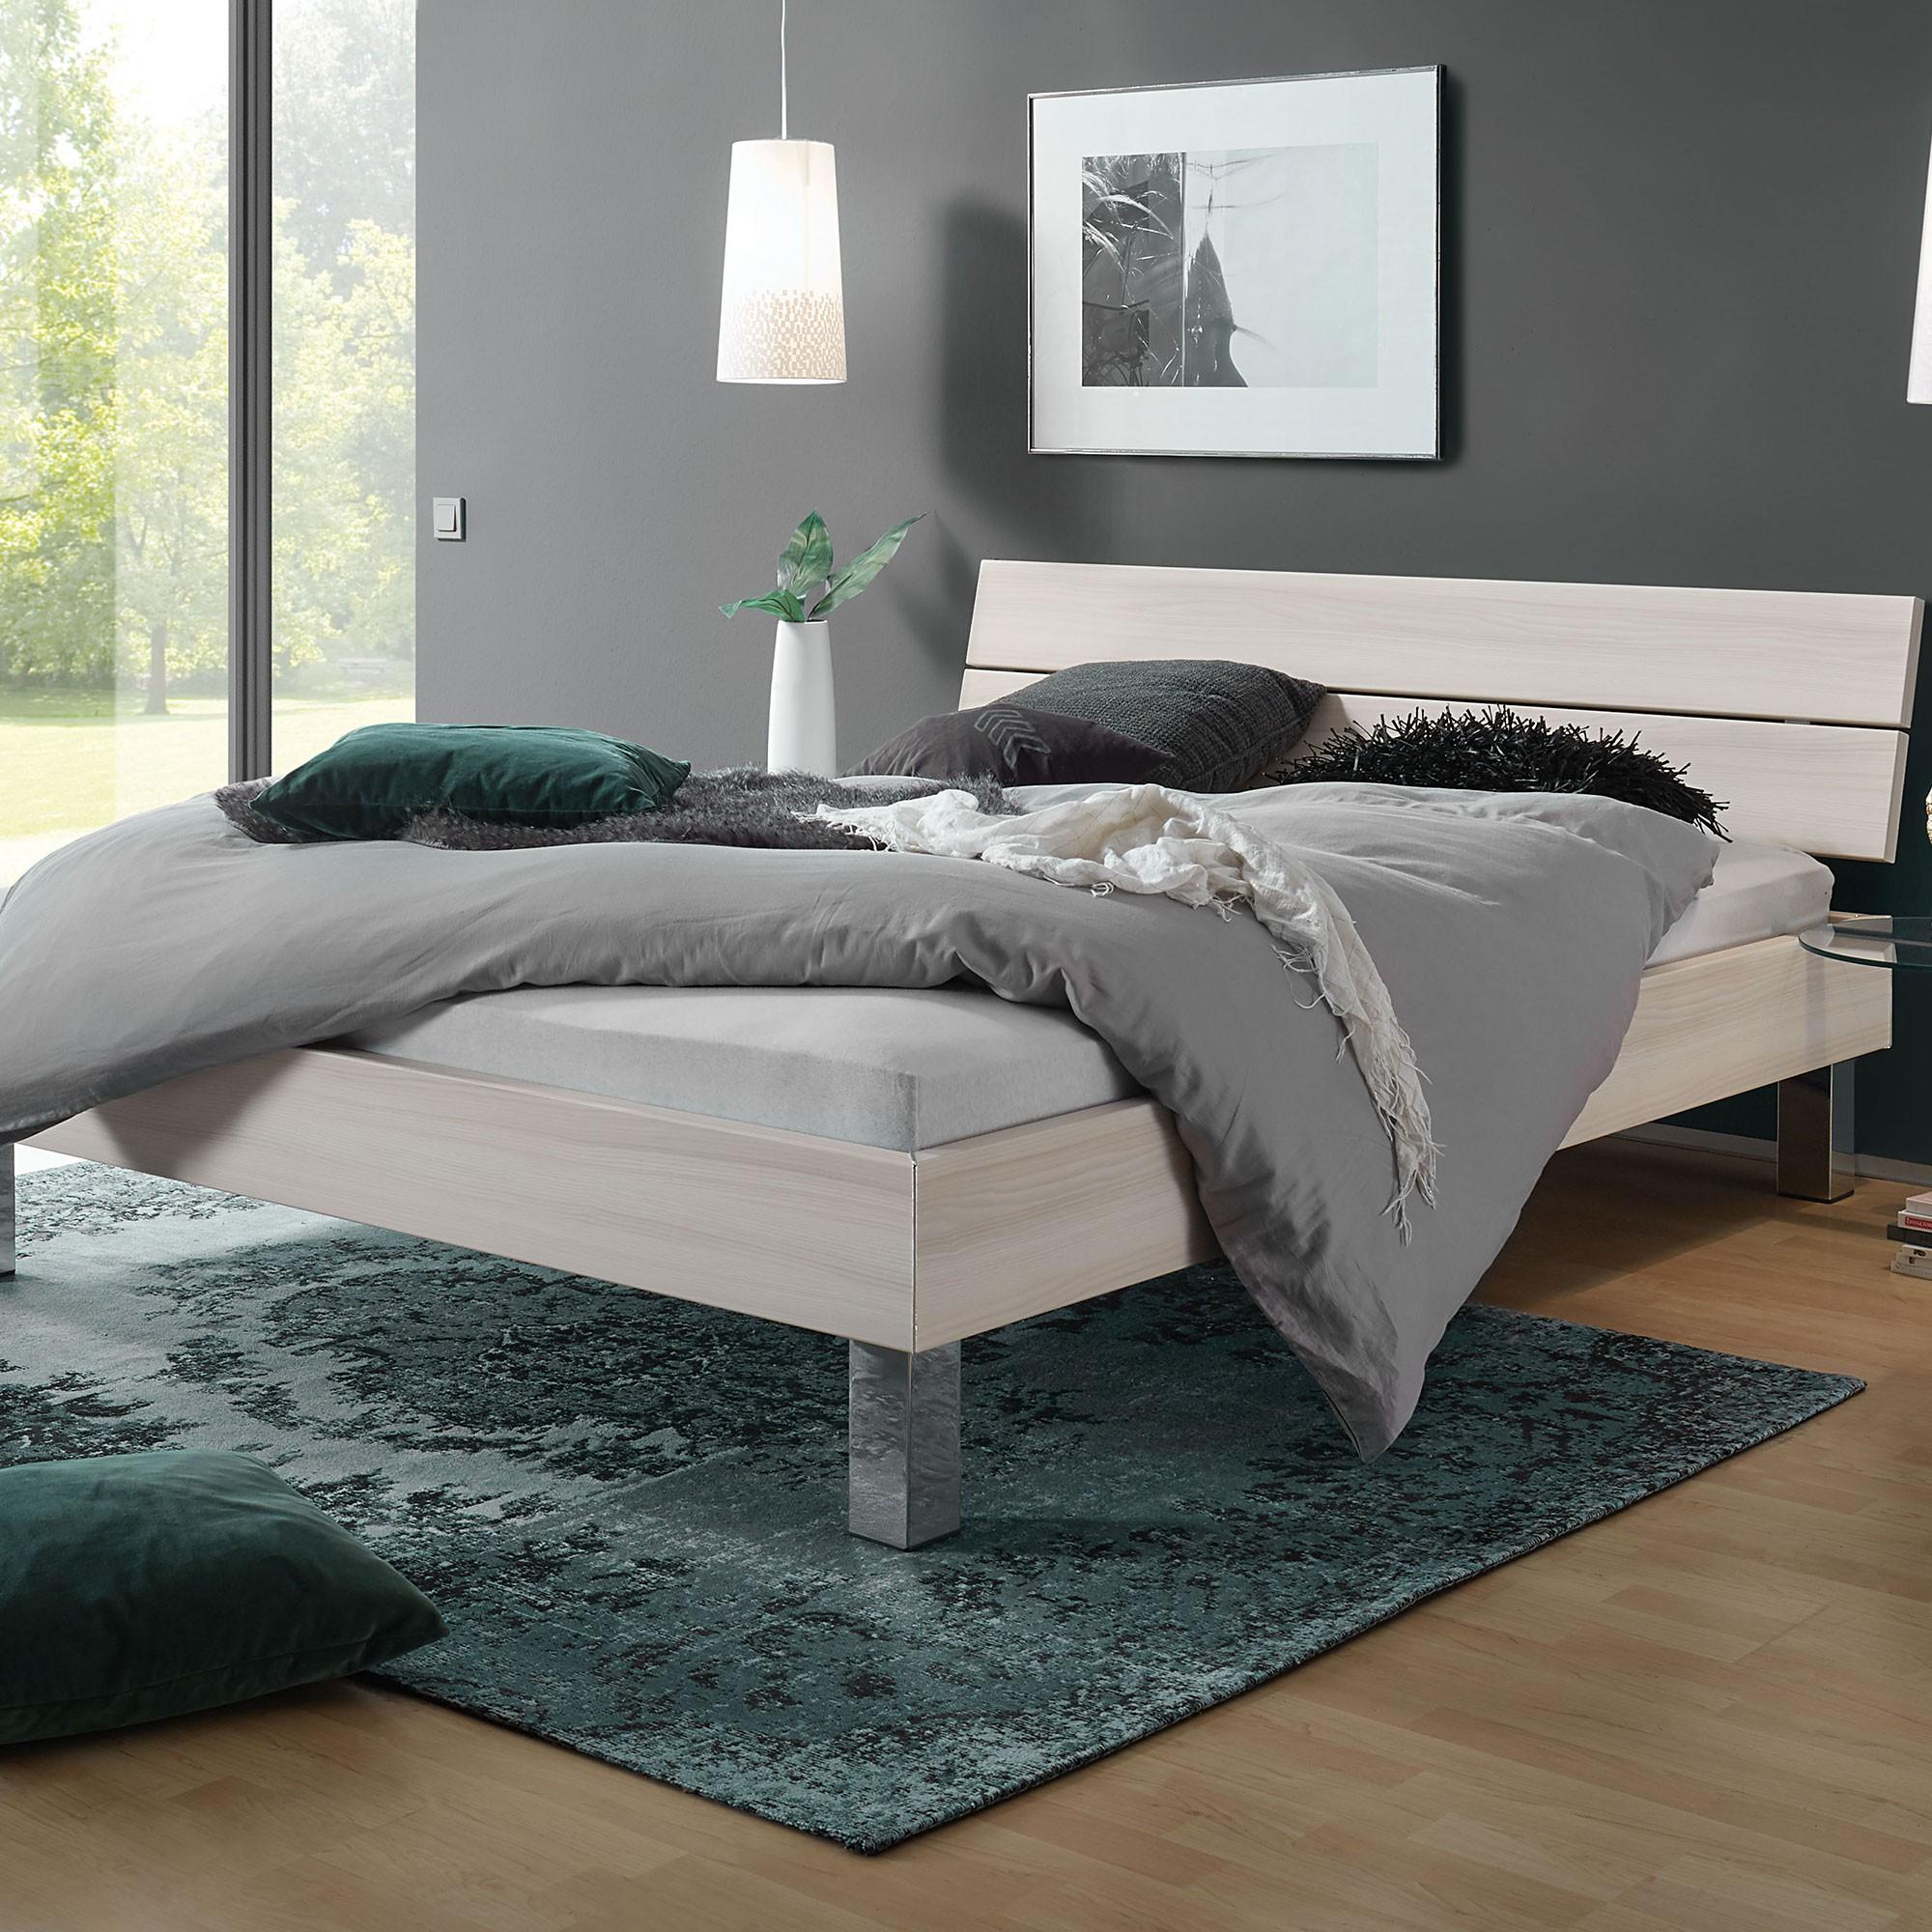 Full Size of Hasena Top Line Bett Advance 18 Mico Nuetta Online Kaufen Belama Günstiges Sofa Mit Aufbewahrung Günstig Weiße Betten Selber Bauen 140x200 Komplett Bett Bett Günstig